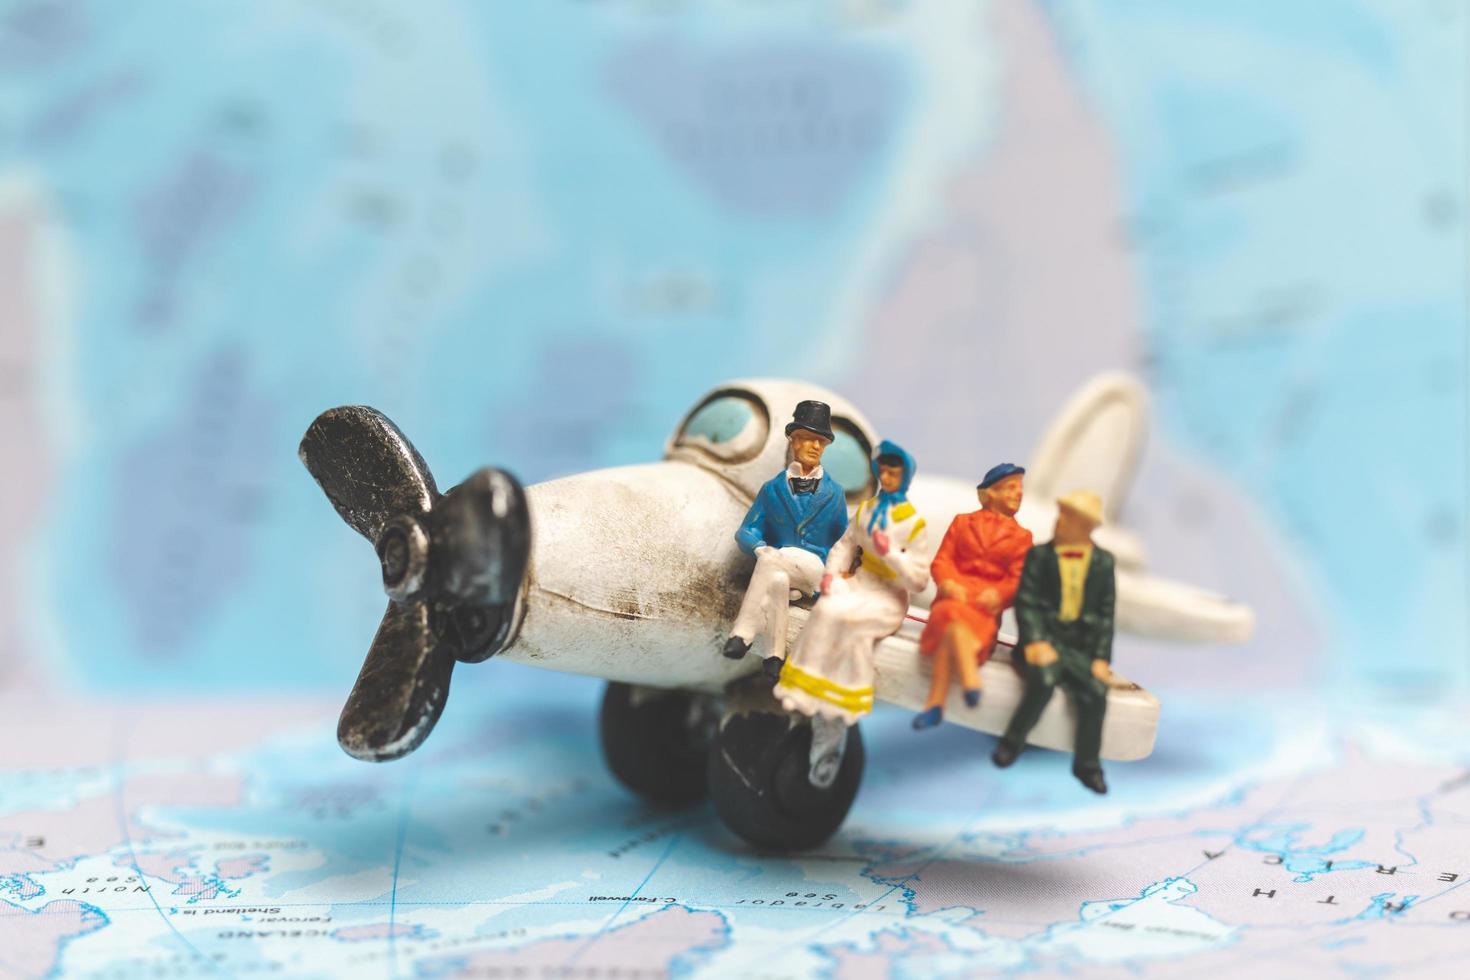 miniatyrfolk som sitter på ett flygplan med en världskartabakgrund, resekoncept foto